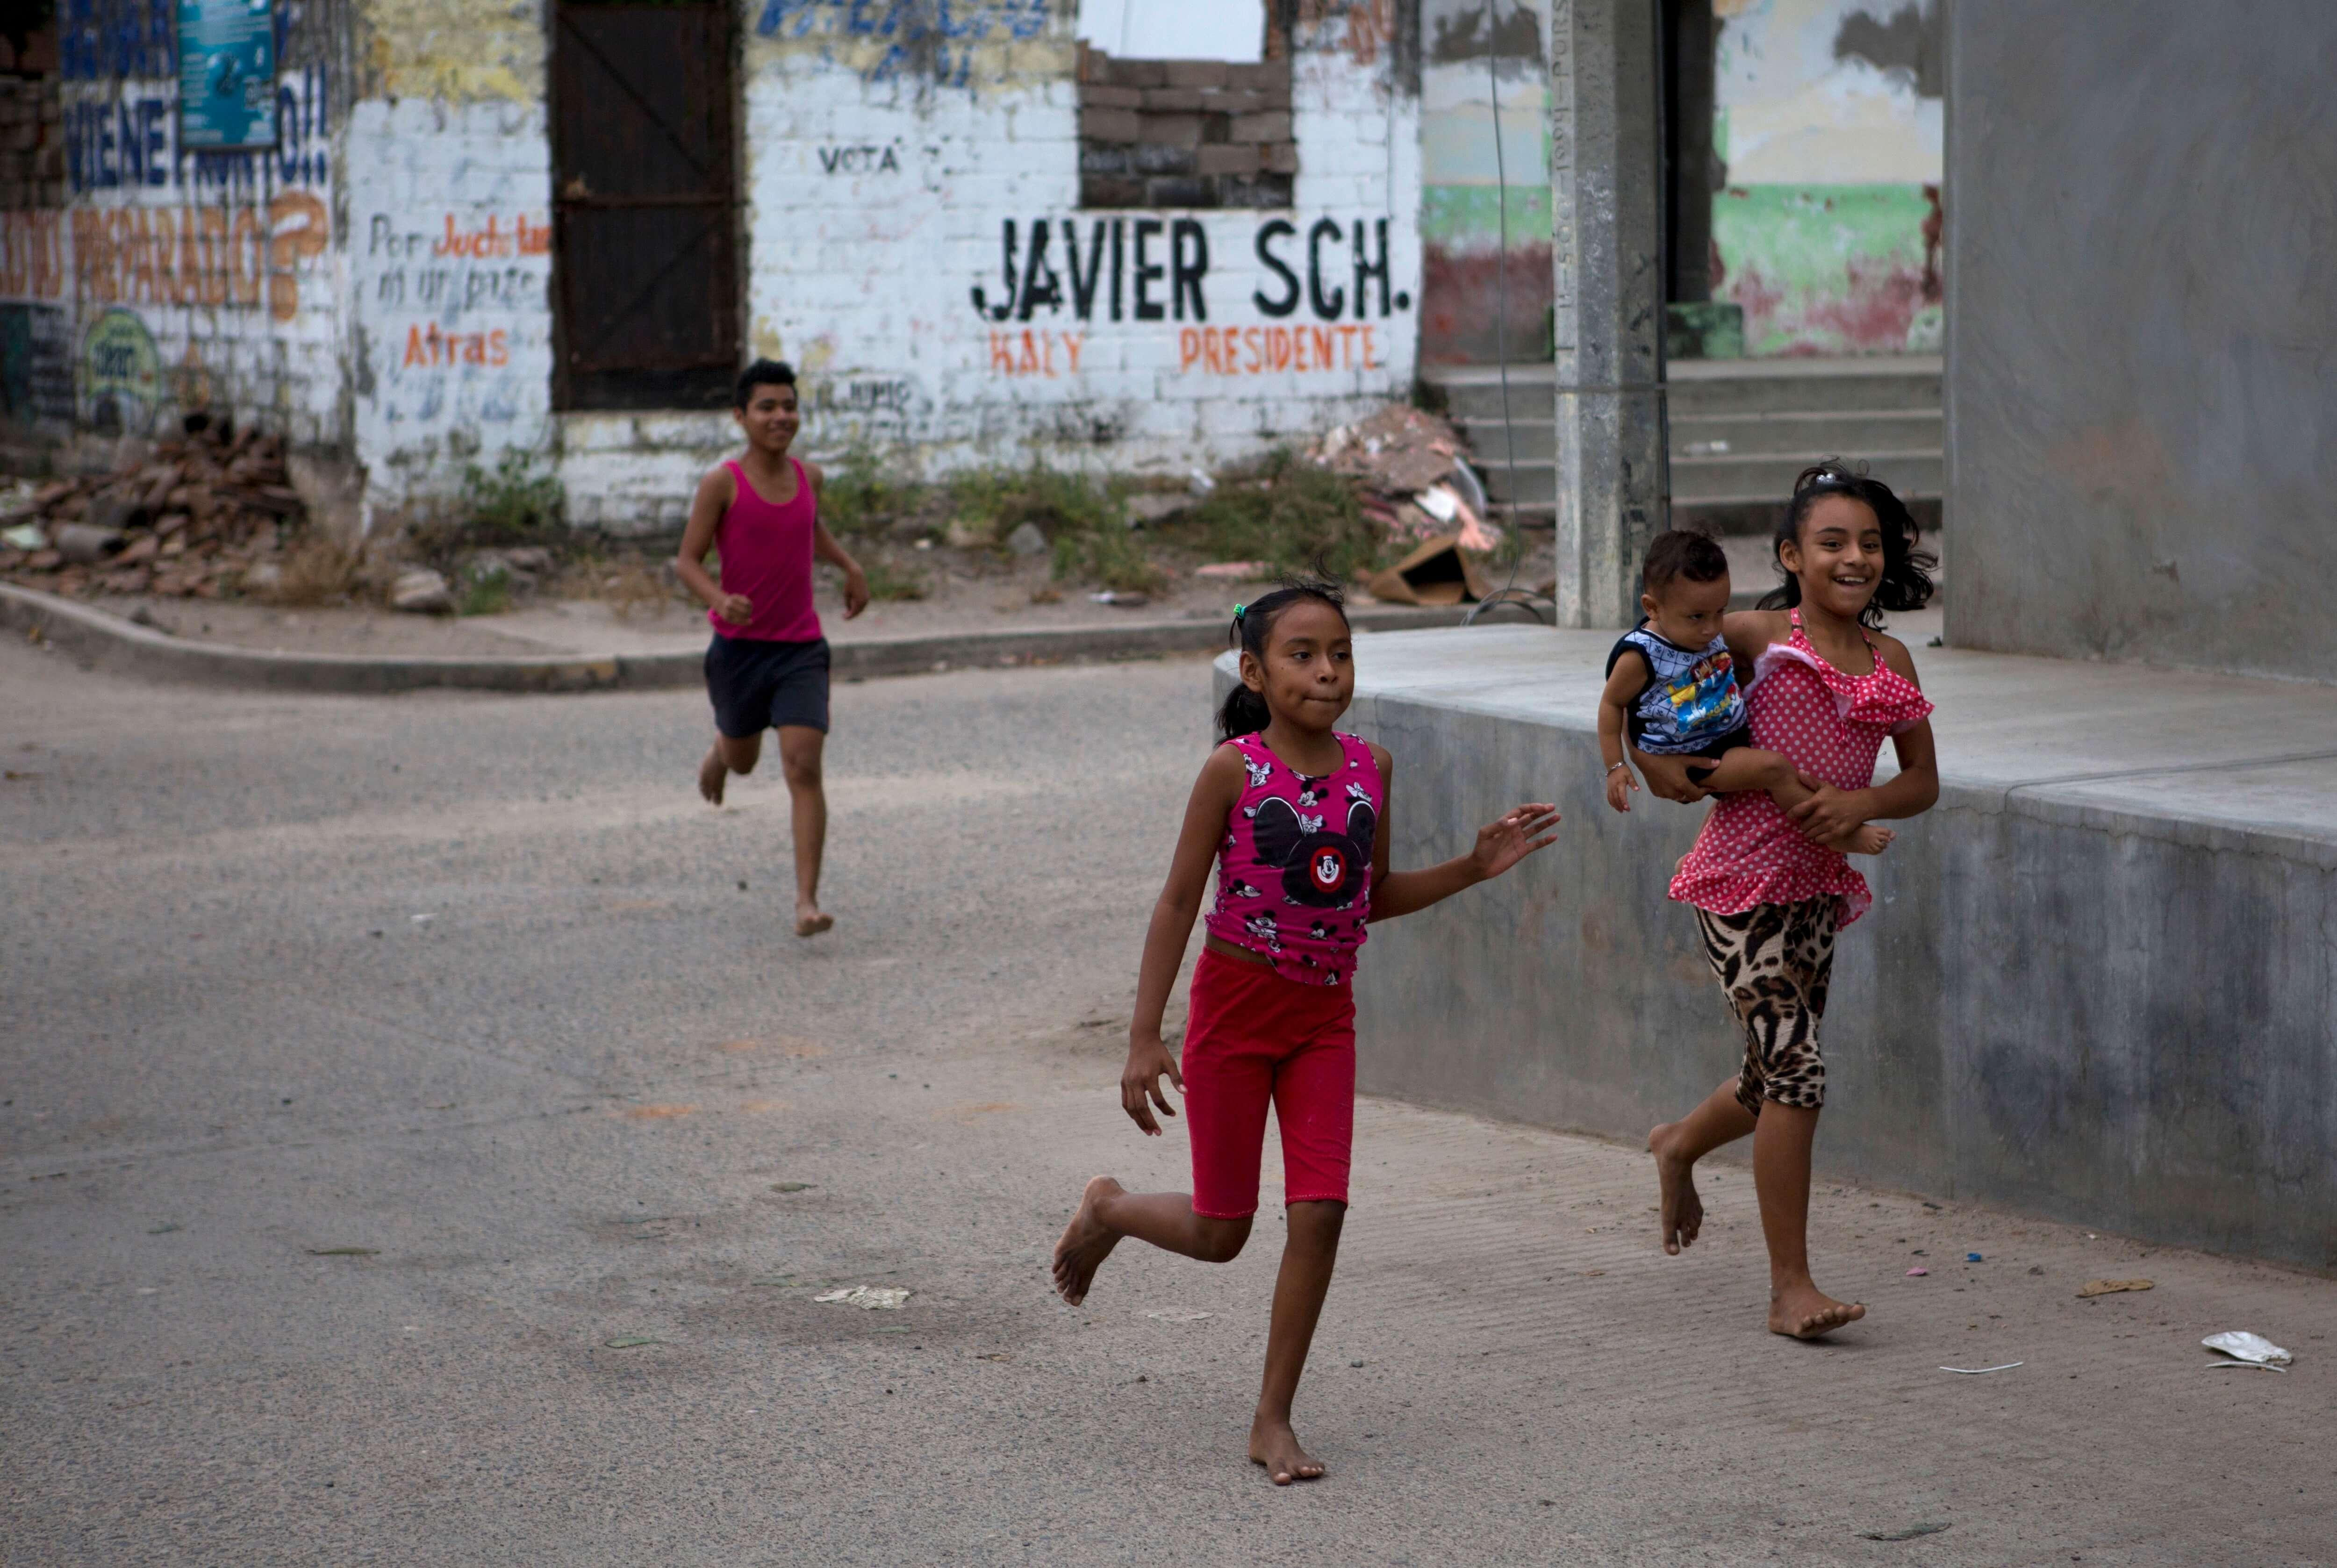 Garantizan reconstrucción de escuelas; Chiapas reanuda clases el lunes